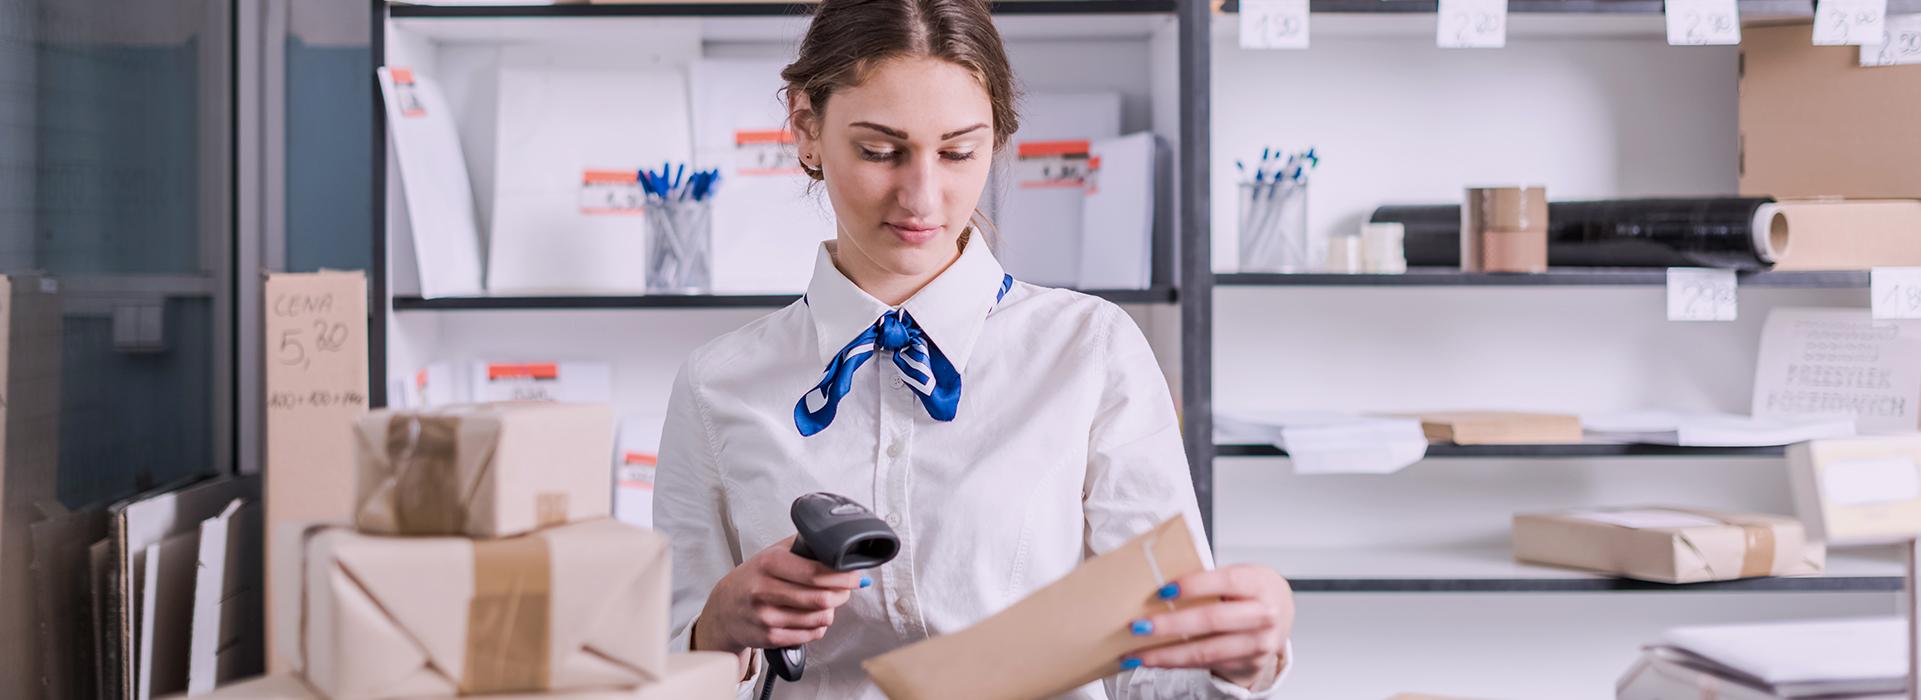 Solucionamos todas las necesidades de empaque y envío, a través de un trato personalizado y sumamente esmerado